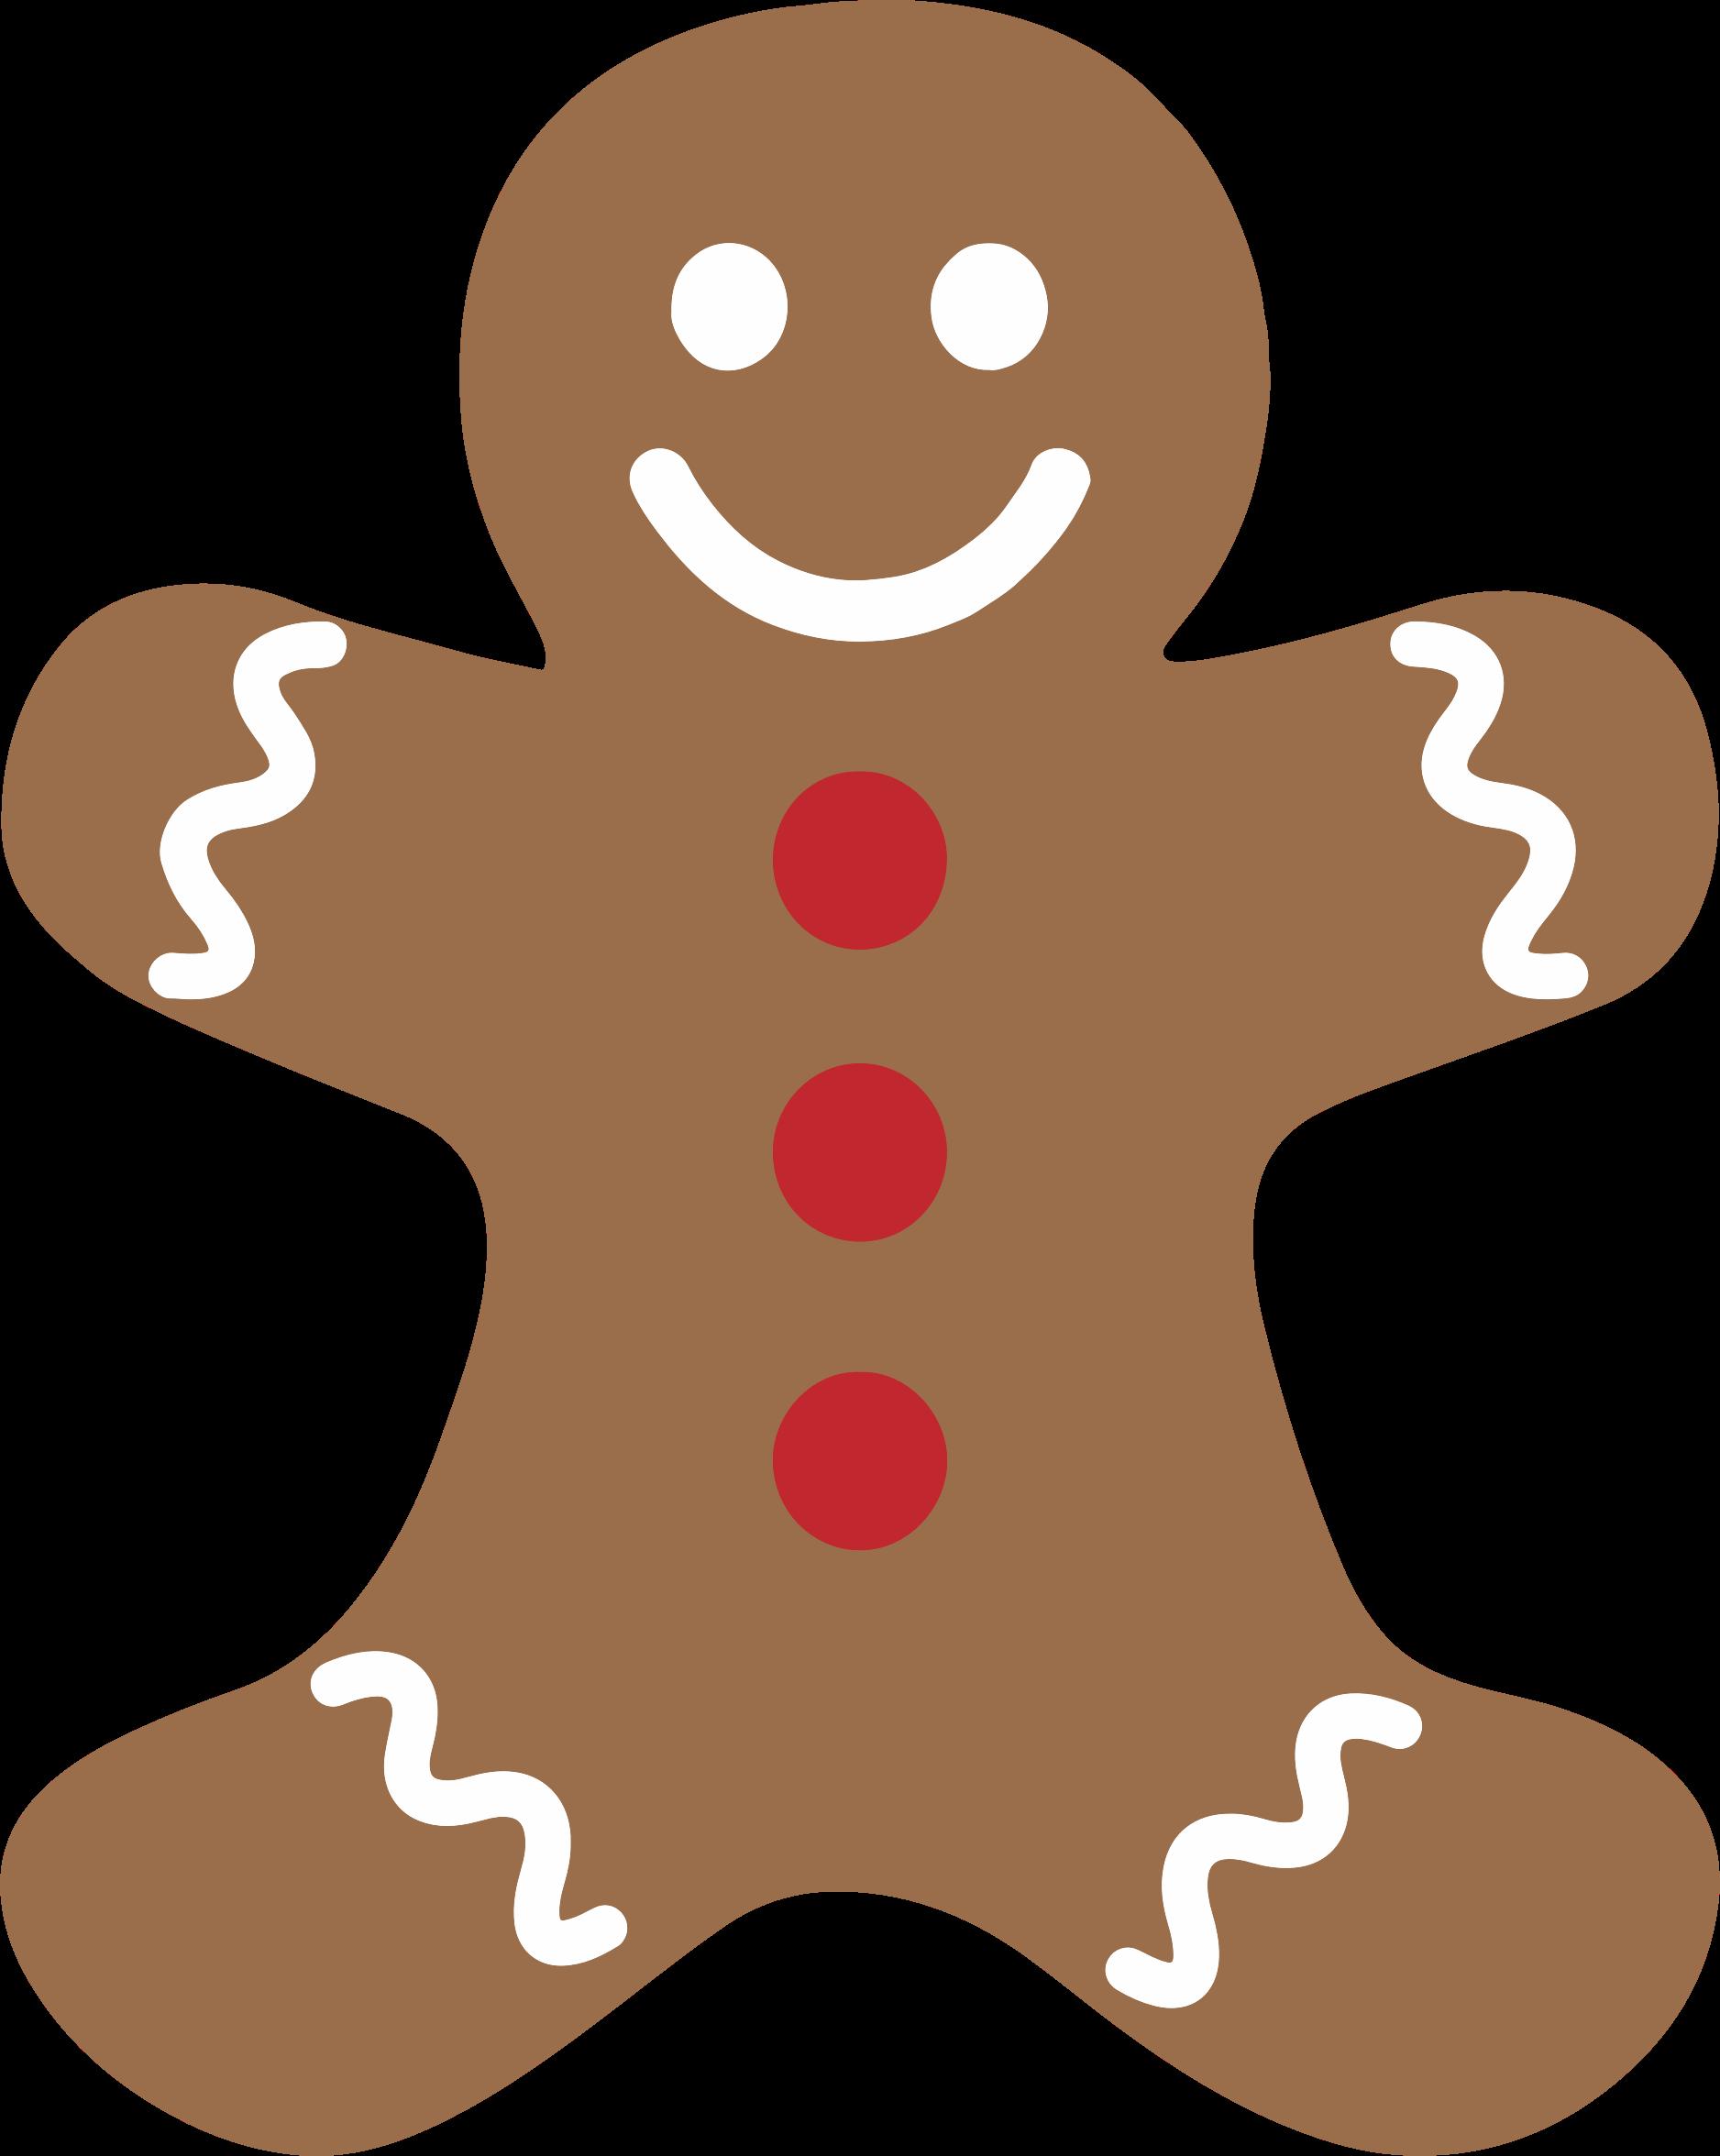 Gingerbread Man By Gdj